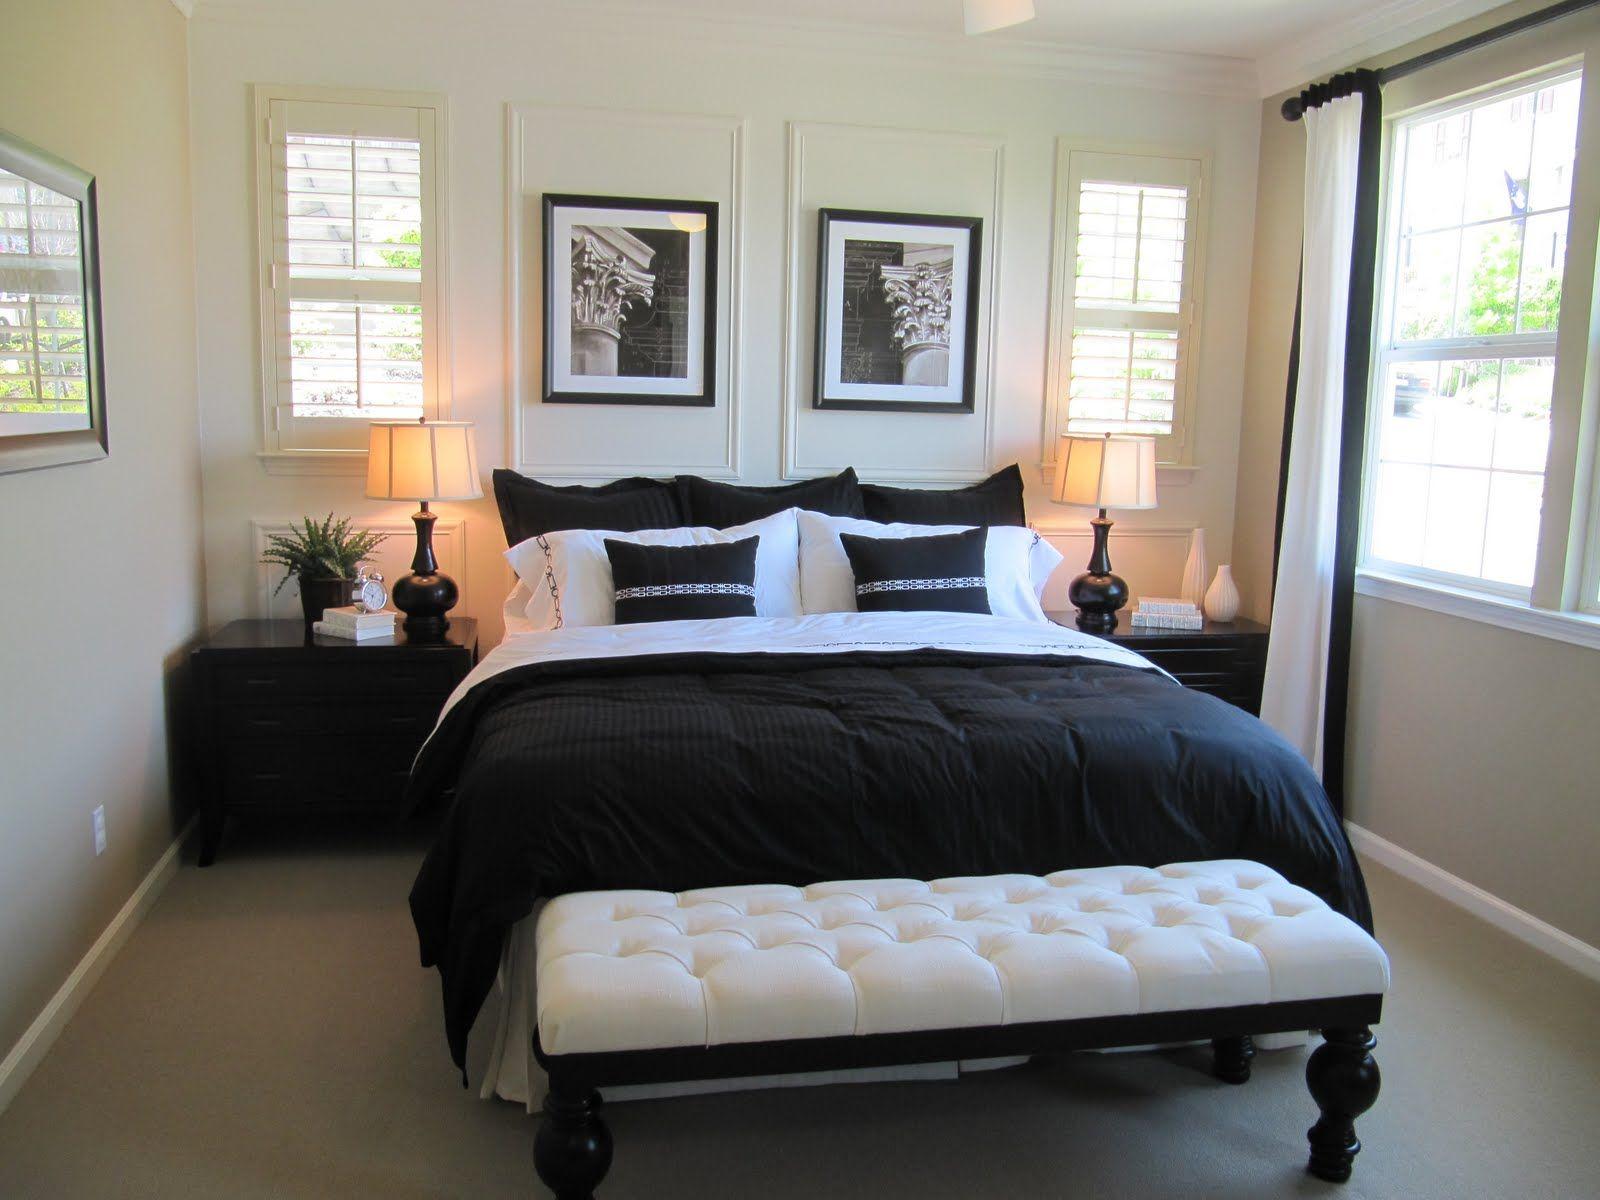 Super Bedbankje - voeteneinde bankje bed - Huis ideeën | Pinterest  IJ84